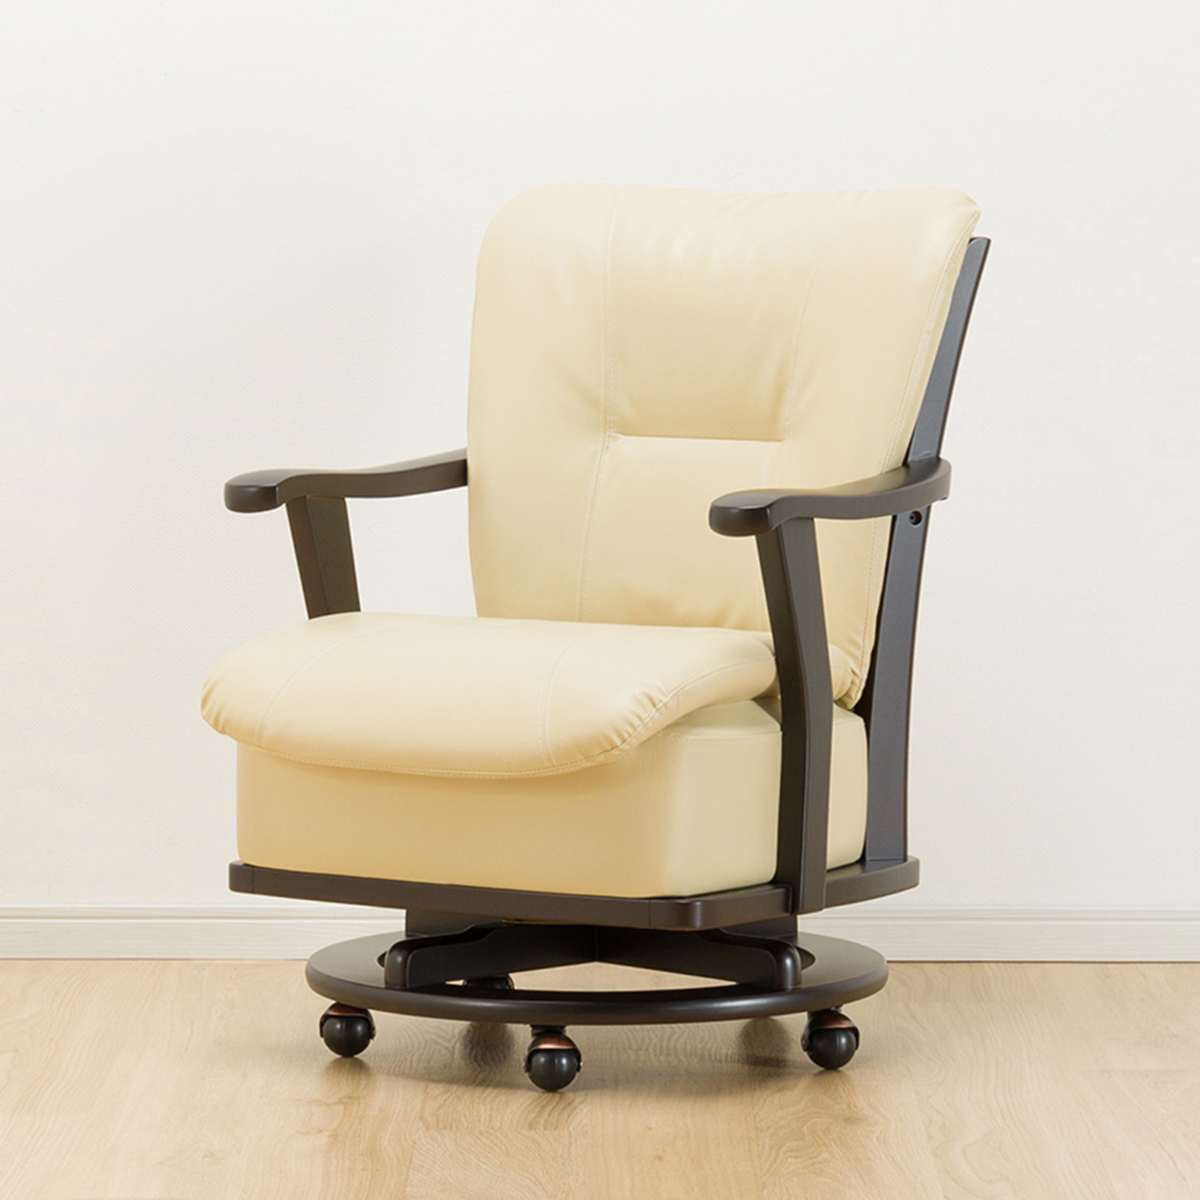 椅子 イス いす 食卓 新作製品 世界最高品質人気 ダイニングチェアー 販売期間 限定のお得なタイムセール 木製 幅61.5cm ダイニングチェア レベント 肘付きダイニングチェア DBR 食卓イス 玄関先迄納品 回転 5年保証 ニトリ